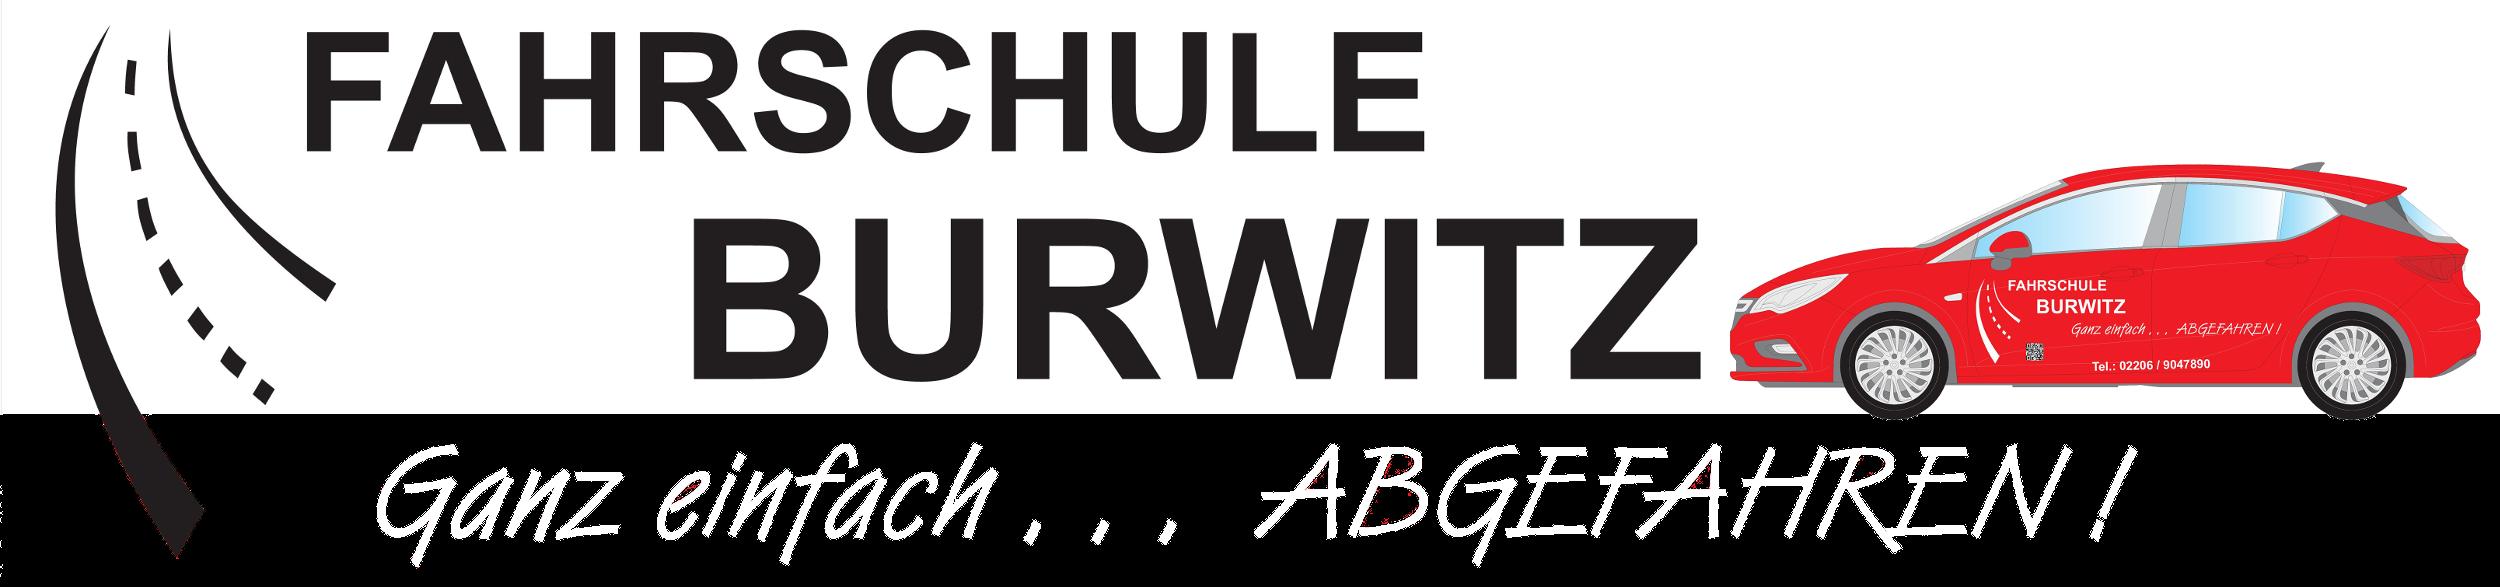 Fahrschule Burwitz